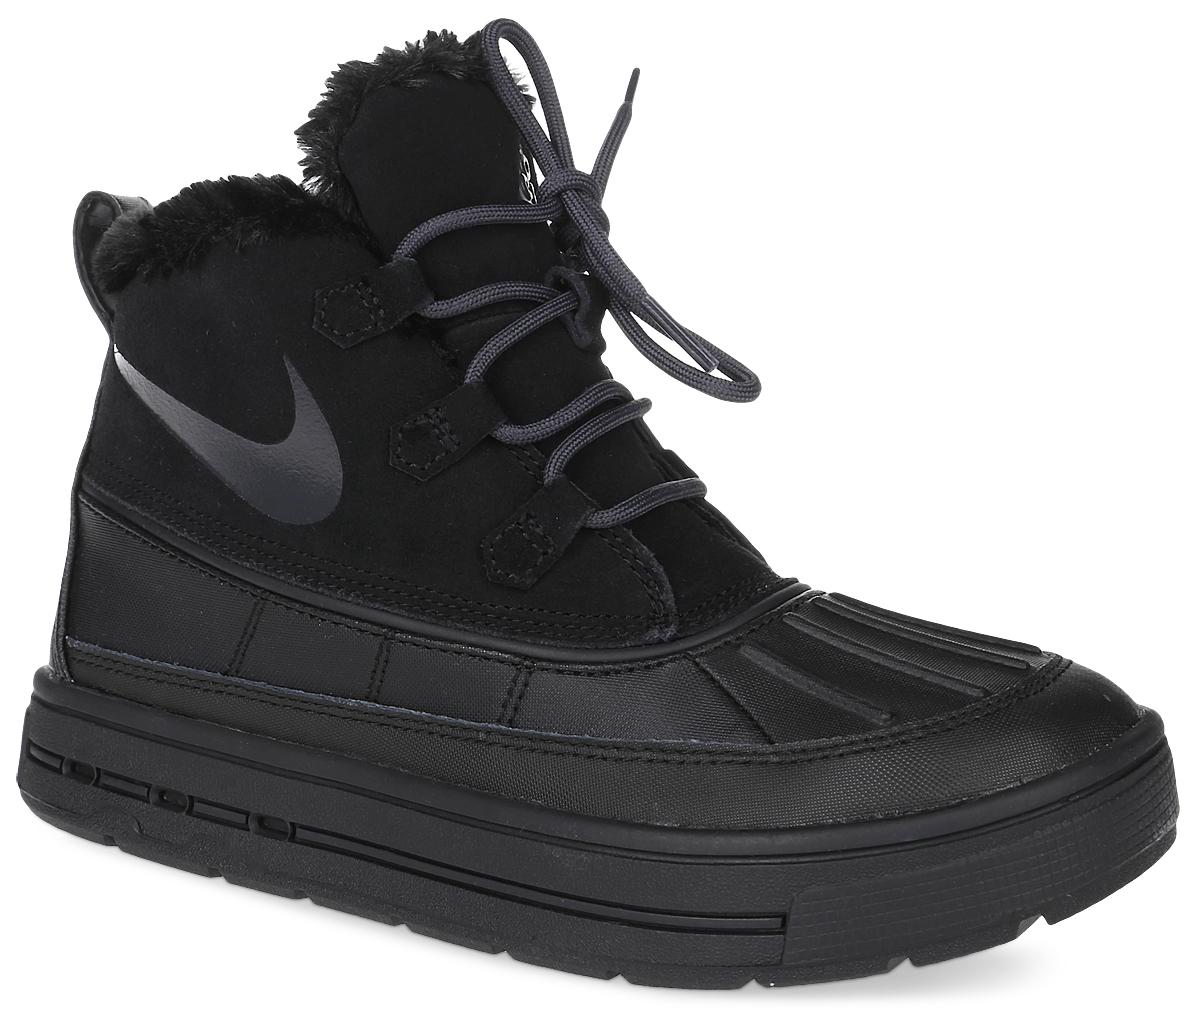 Ботинки детские Nike Woodside Chukka 2 (GS), цвет: черный. 859425-002. Размер 5,5 (37,5)859425-002Ботинки Nike Woodside Chukka 2 выполнены из сочетания искусственной и натуральной кожи, дополнена резиновой вставкой. Подкладка изготовлена из искусственного меха. Модель на шнуровке. Вставка phylon по всей длине подошвы обеспечивают мягкую амортизацию. Резиновая подошва оснащена протектором.